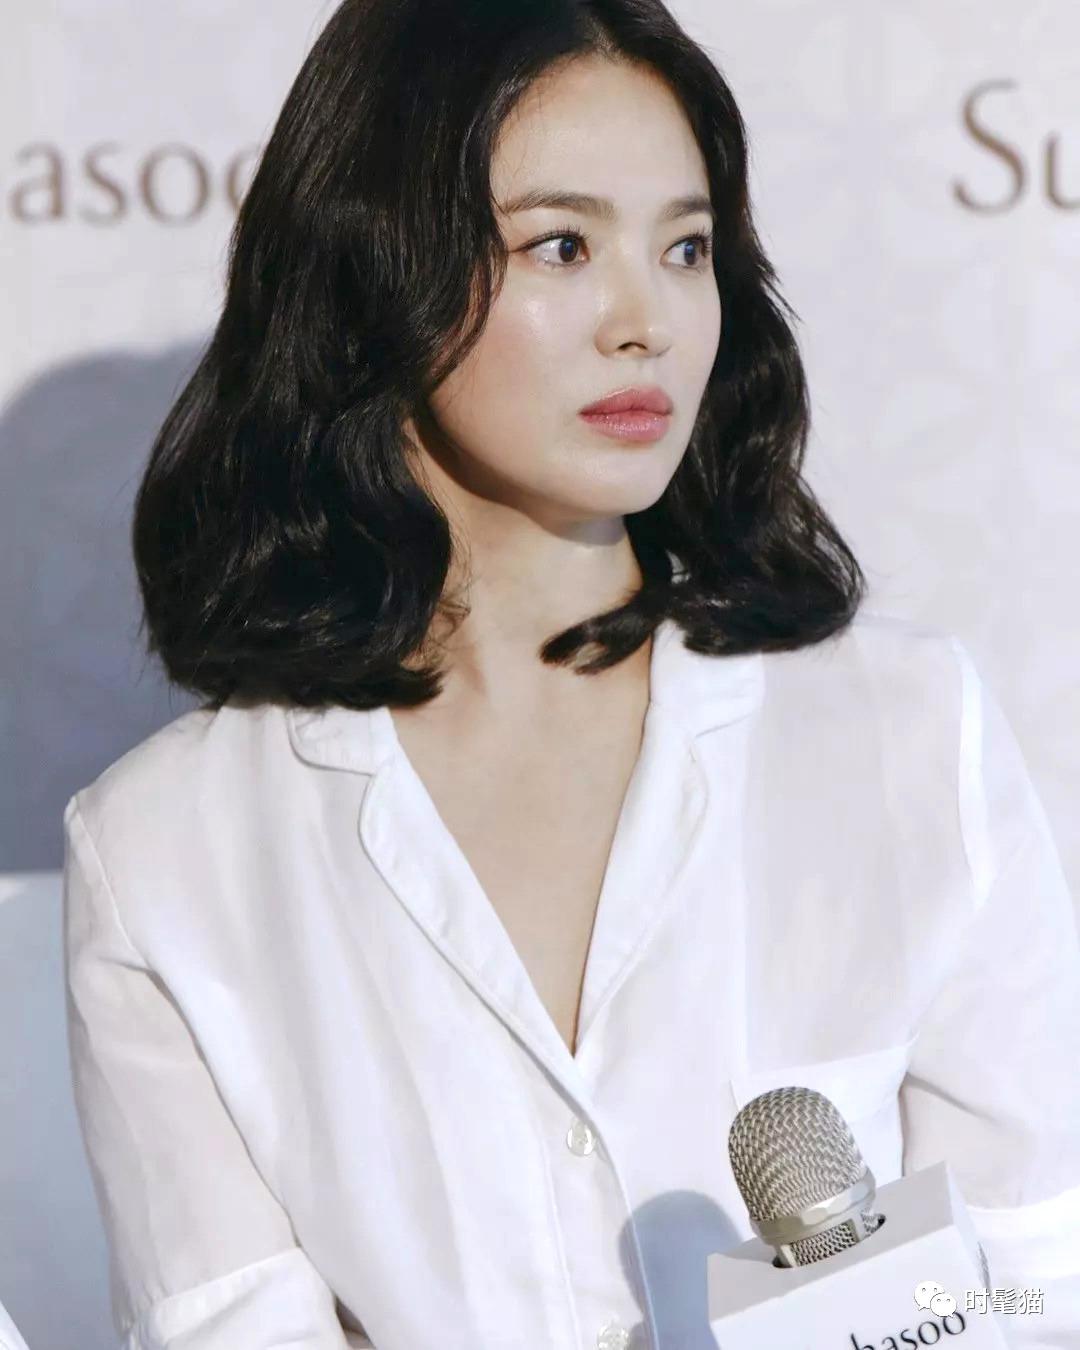 """""""Phản dame"""" như Song Hye Kyo: Hễ bị chê flop là chị lại """"chốt đơn"""" ngay danh phận đại sứ khiến netizen câm nín - Ảnh 5."""